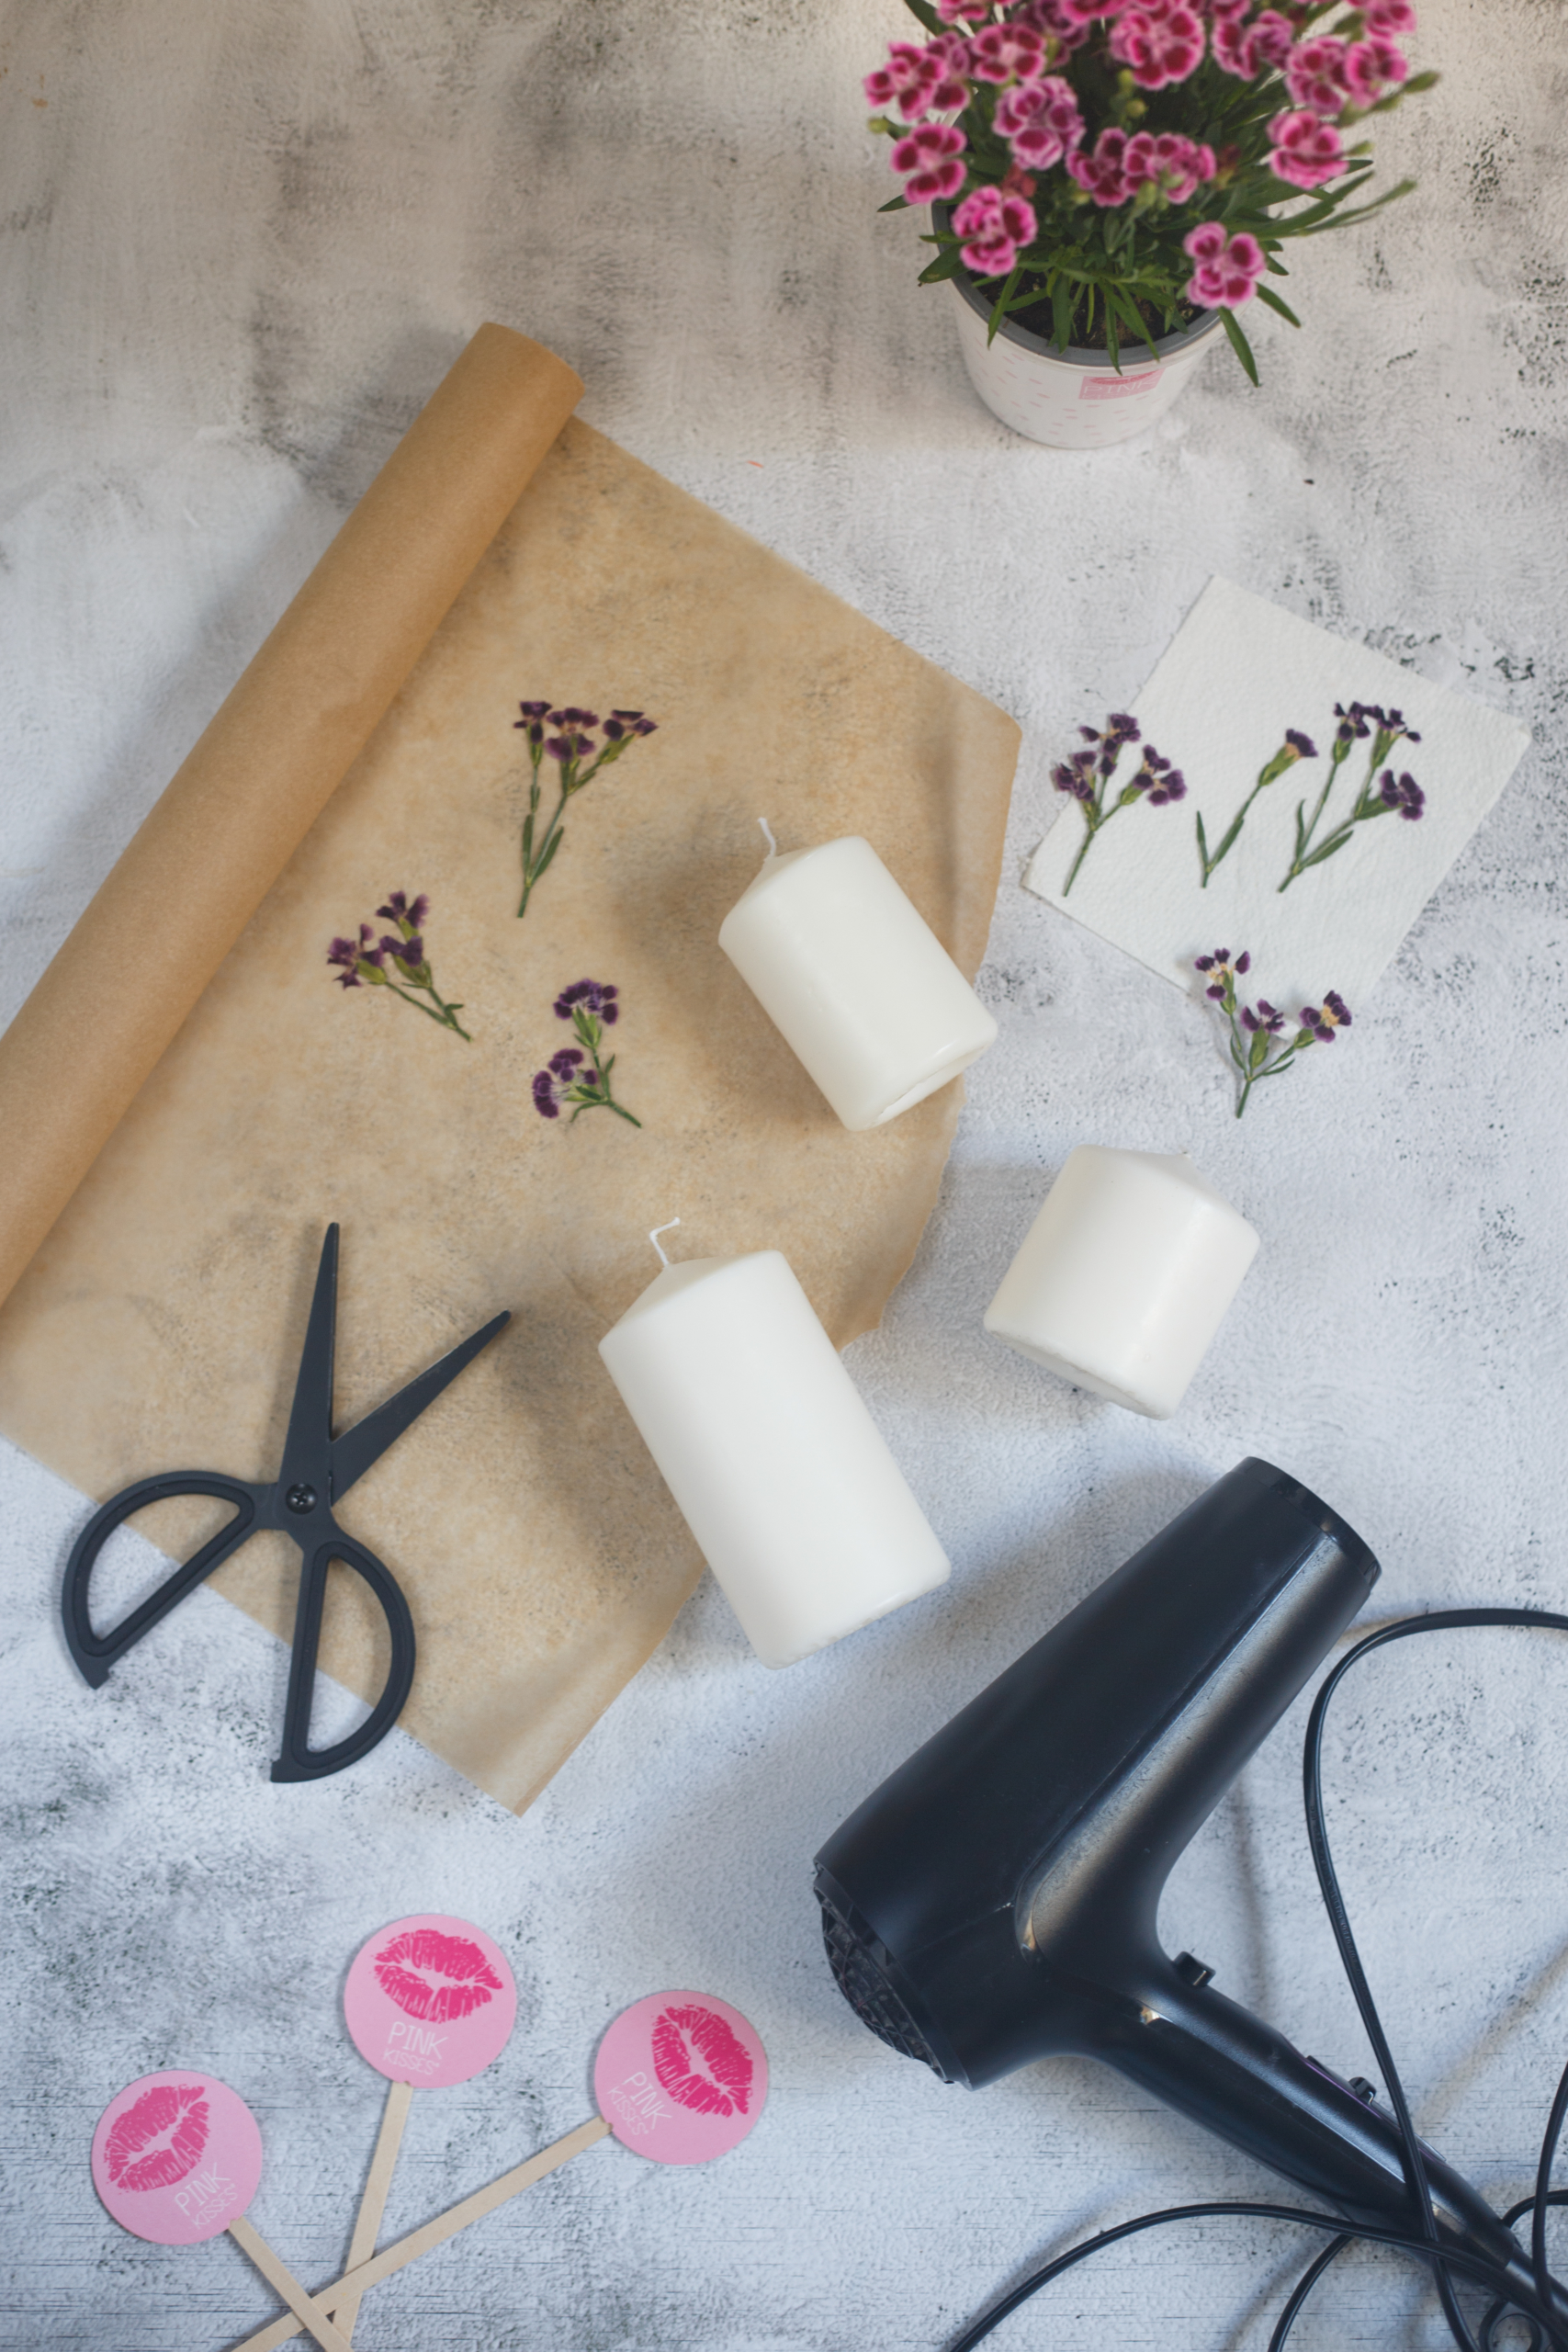 Pink Kisses, getrocknete Pink-Kisses-Blüten, Backpapier, eine Schere, Kerzen, ein Fön und Blumenstecker von Pink Kisses